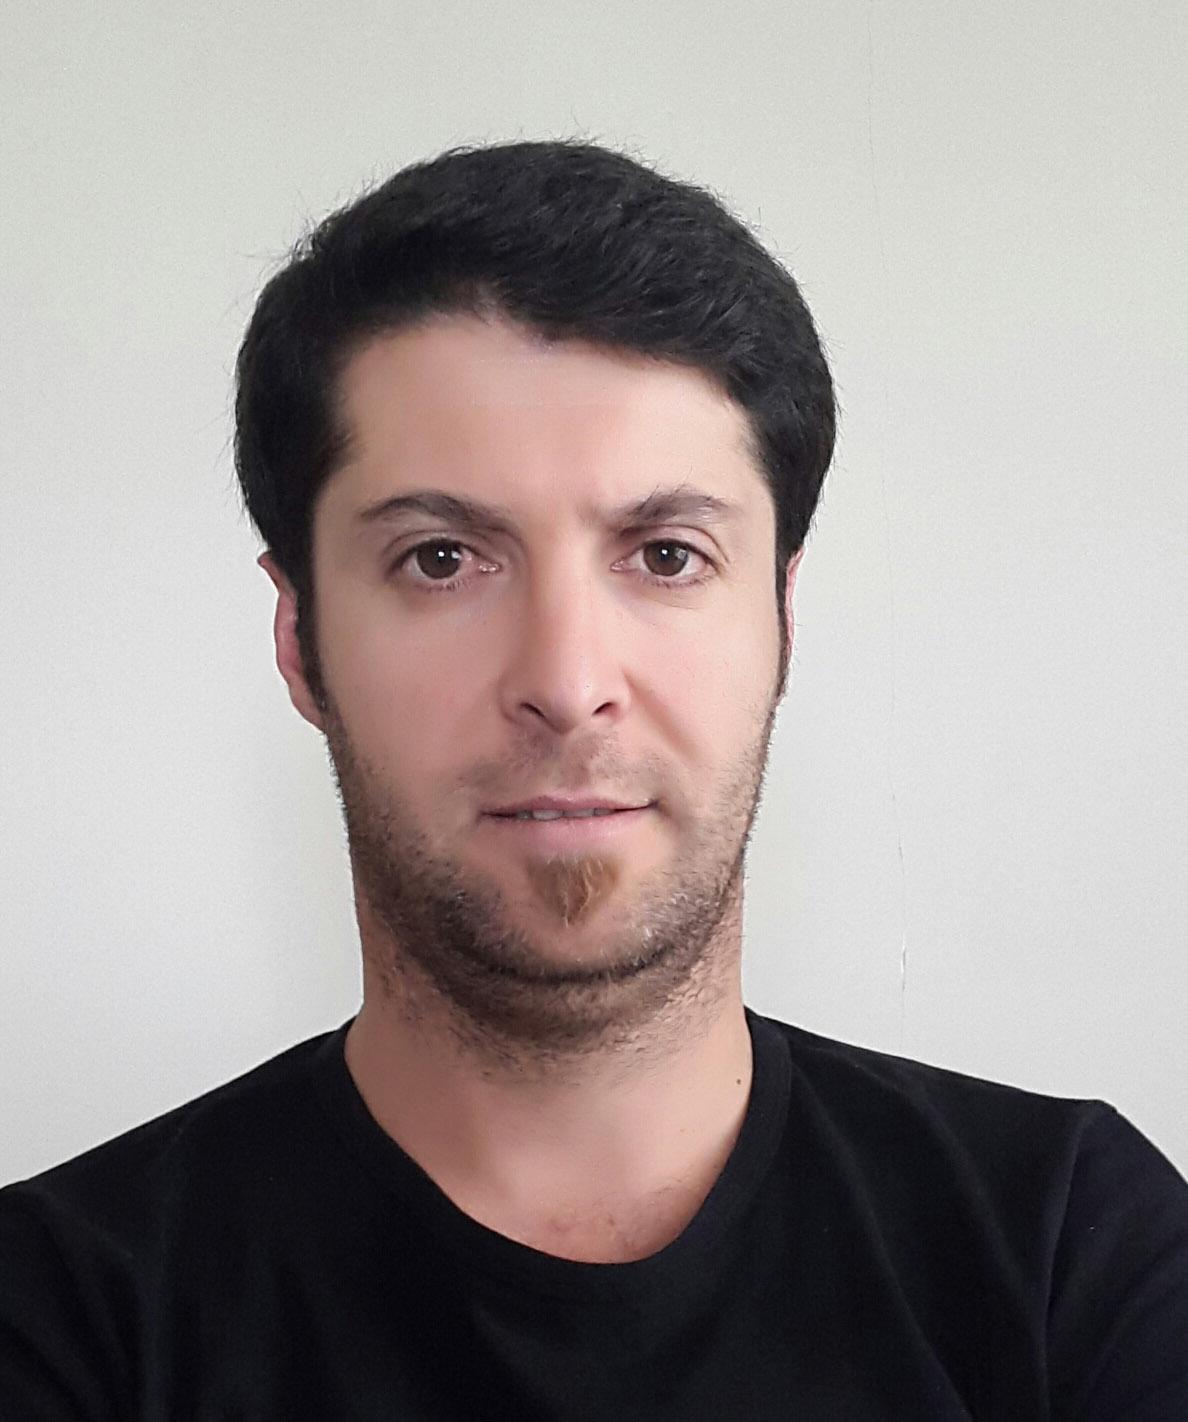 Samî Hêzil